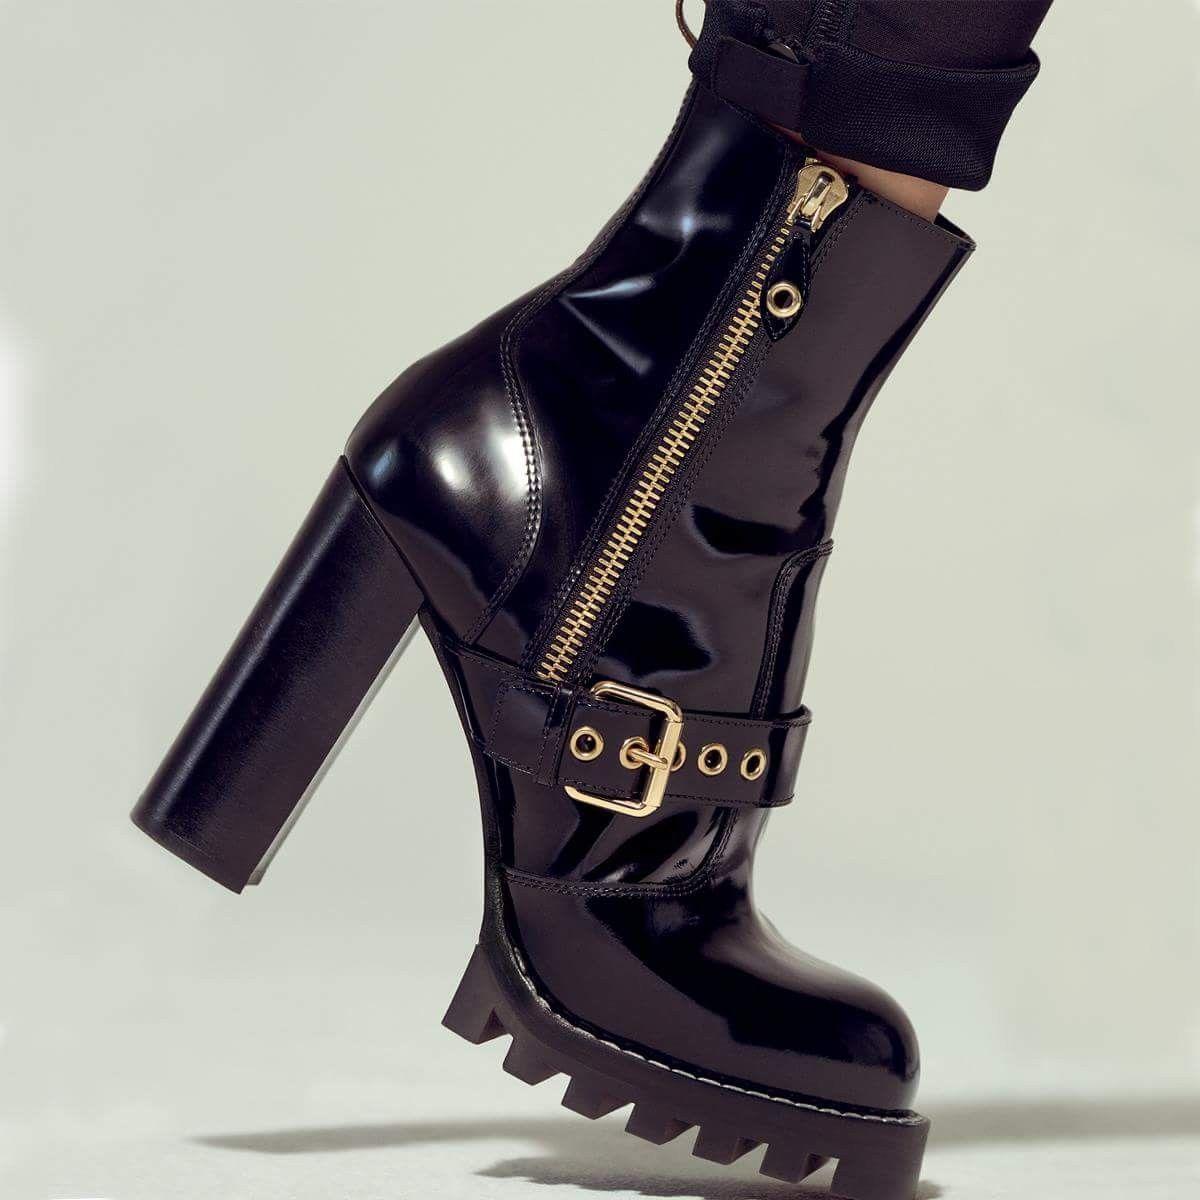 c2f8de49c17 LV Star Trail boot | OMG boots | Louis vuitton boots, Boots, Shoes